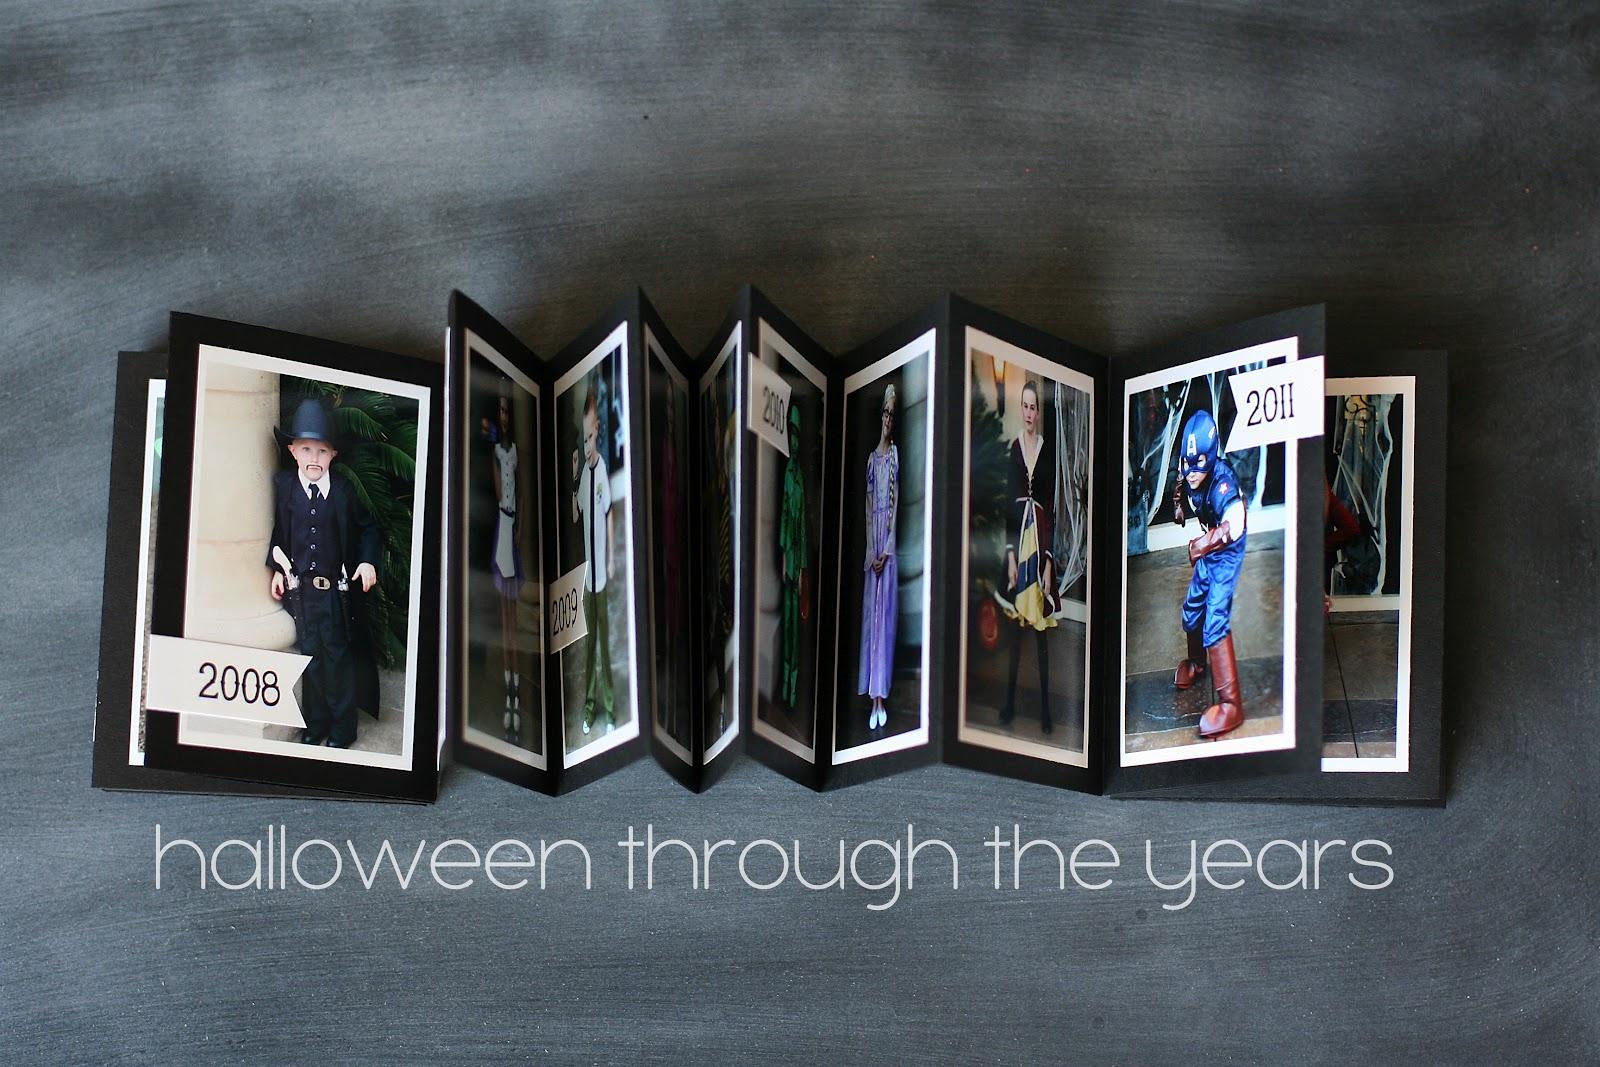 halloween through the years - eighteen25